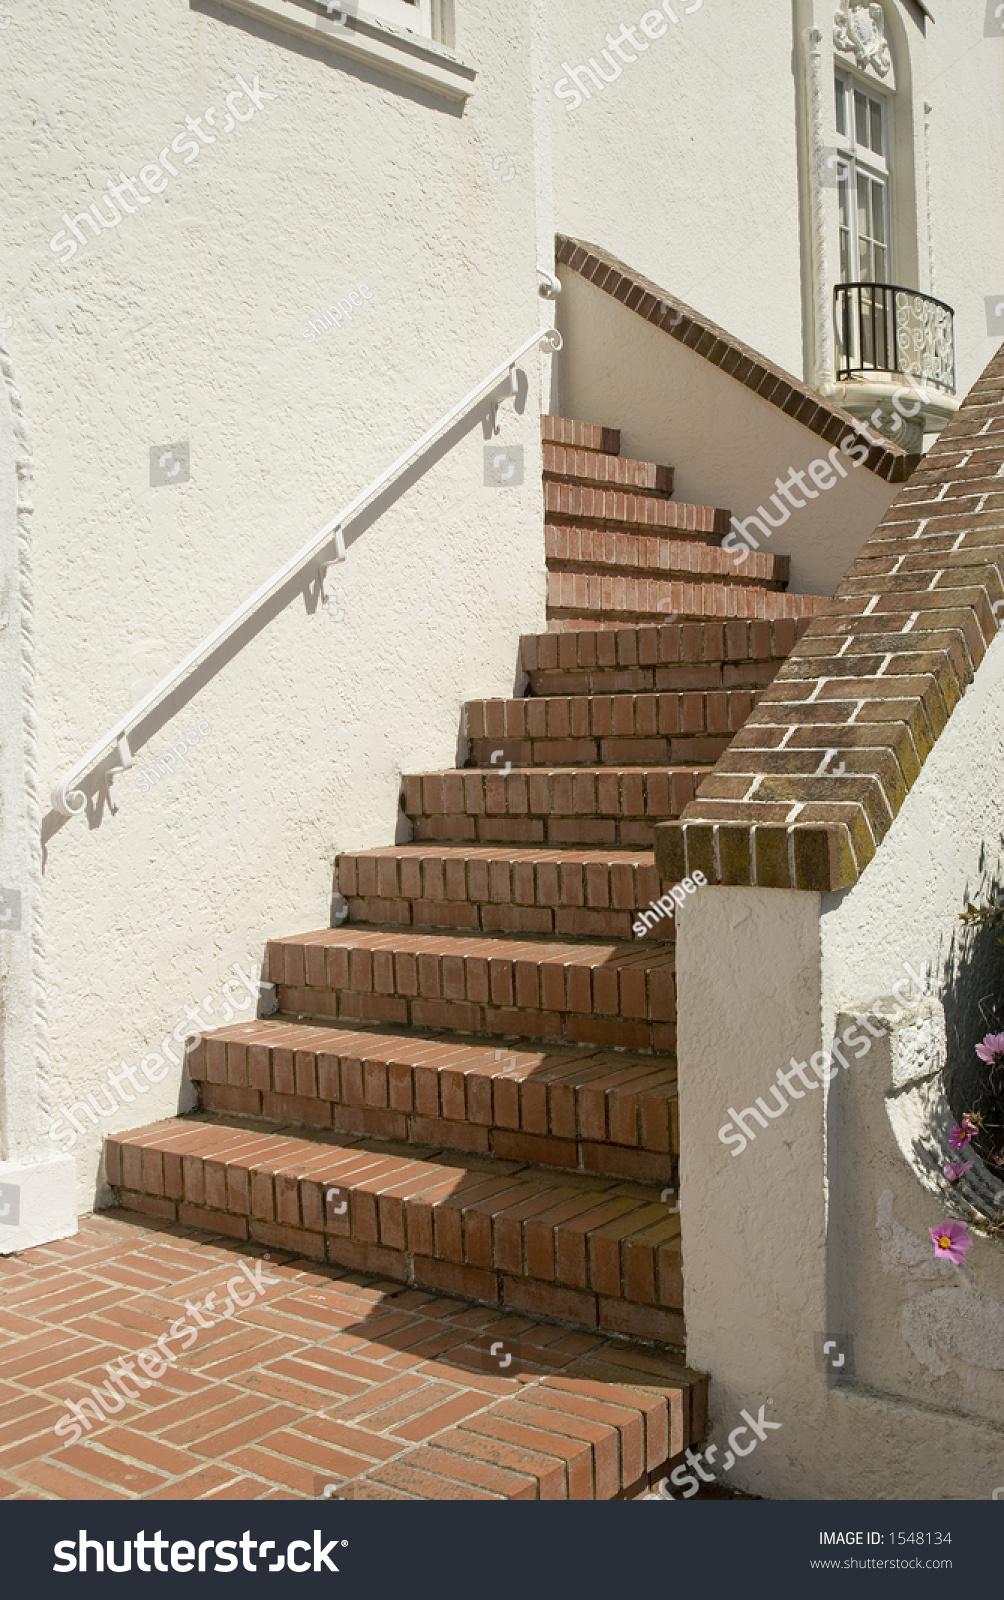 Escaleras del ladrillo imagen de archivo stock 1548134 - Escaleras de ladrillo ...